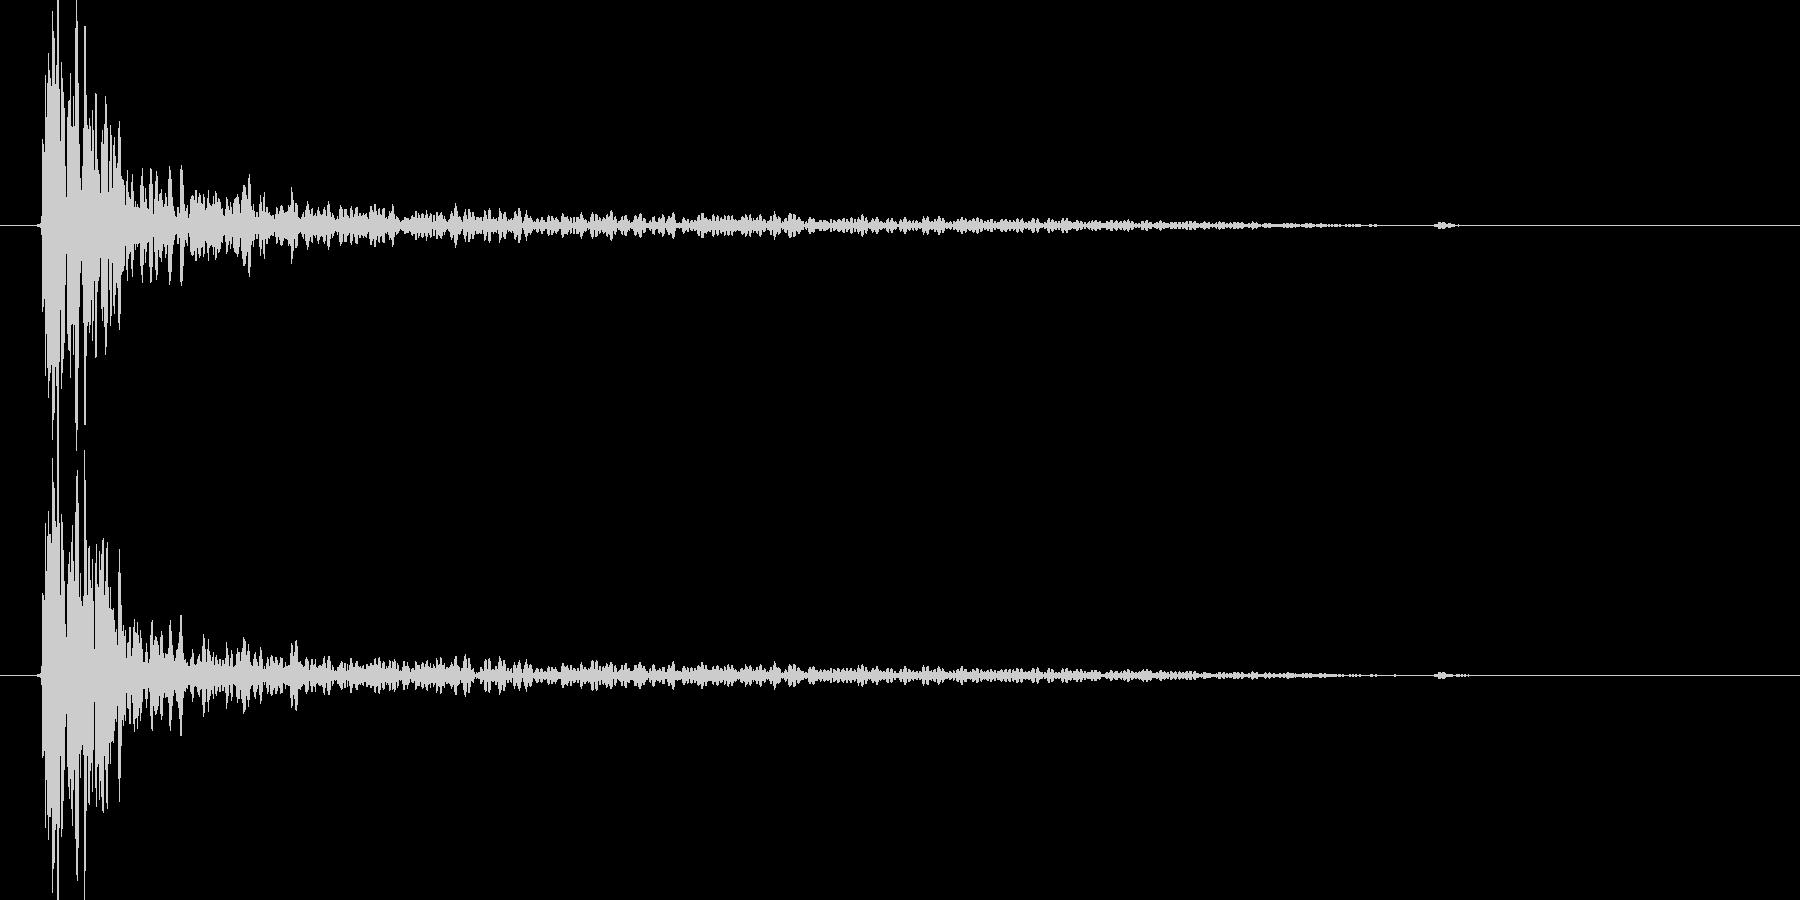 大砲効果音の音量をCDレベルに上げたものの未再生の波形